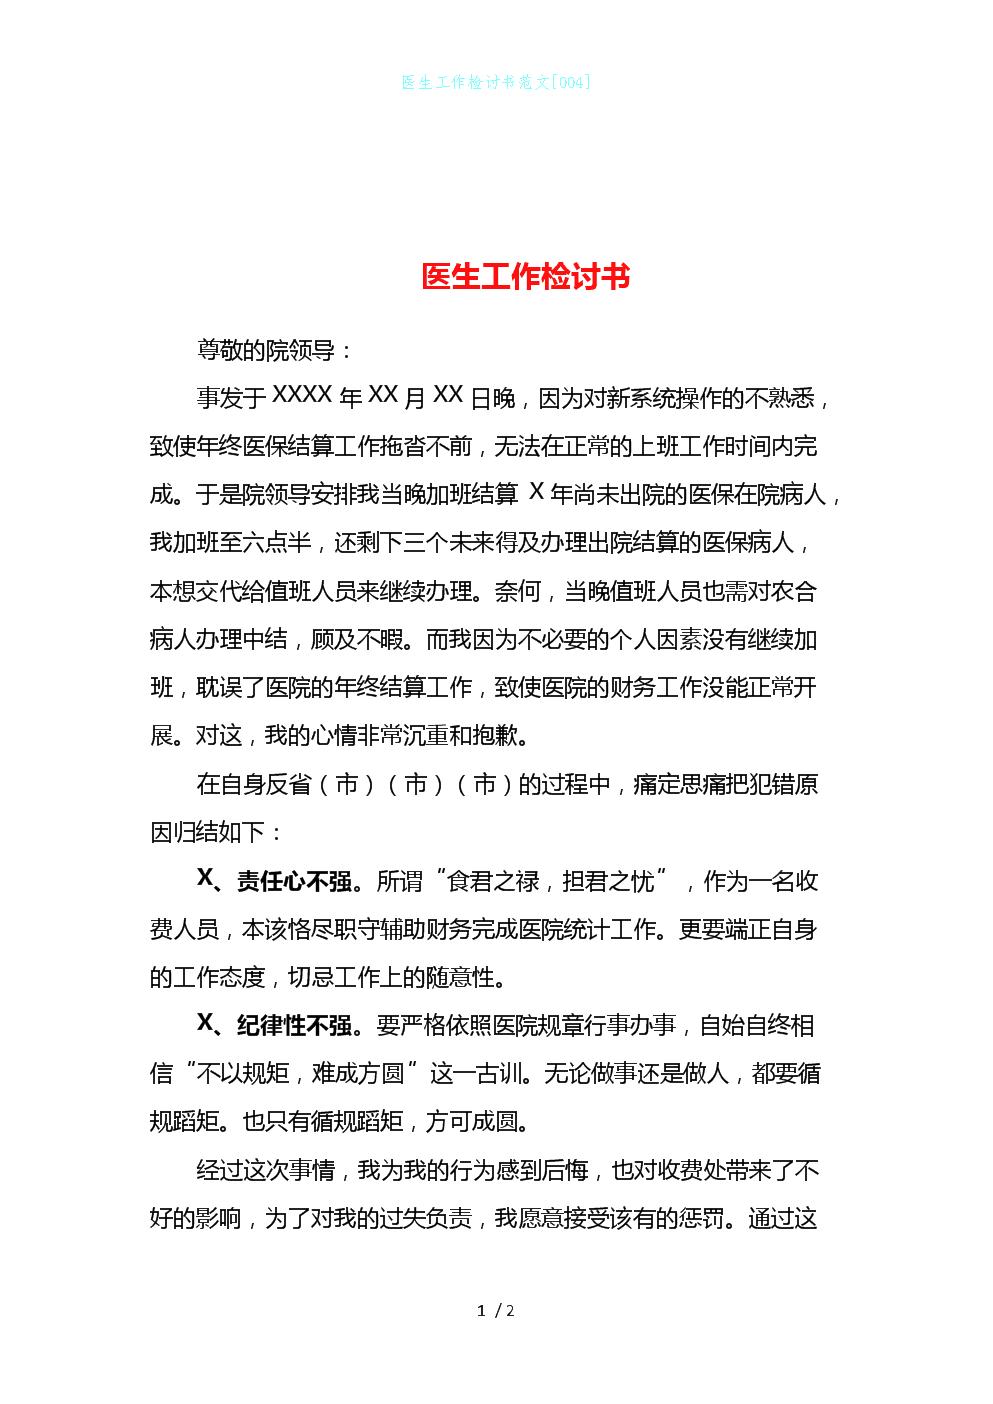 医生工作检讨书范文[004].docx